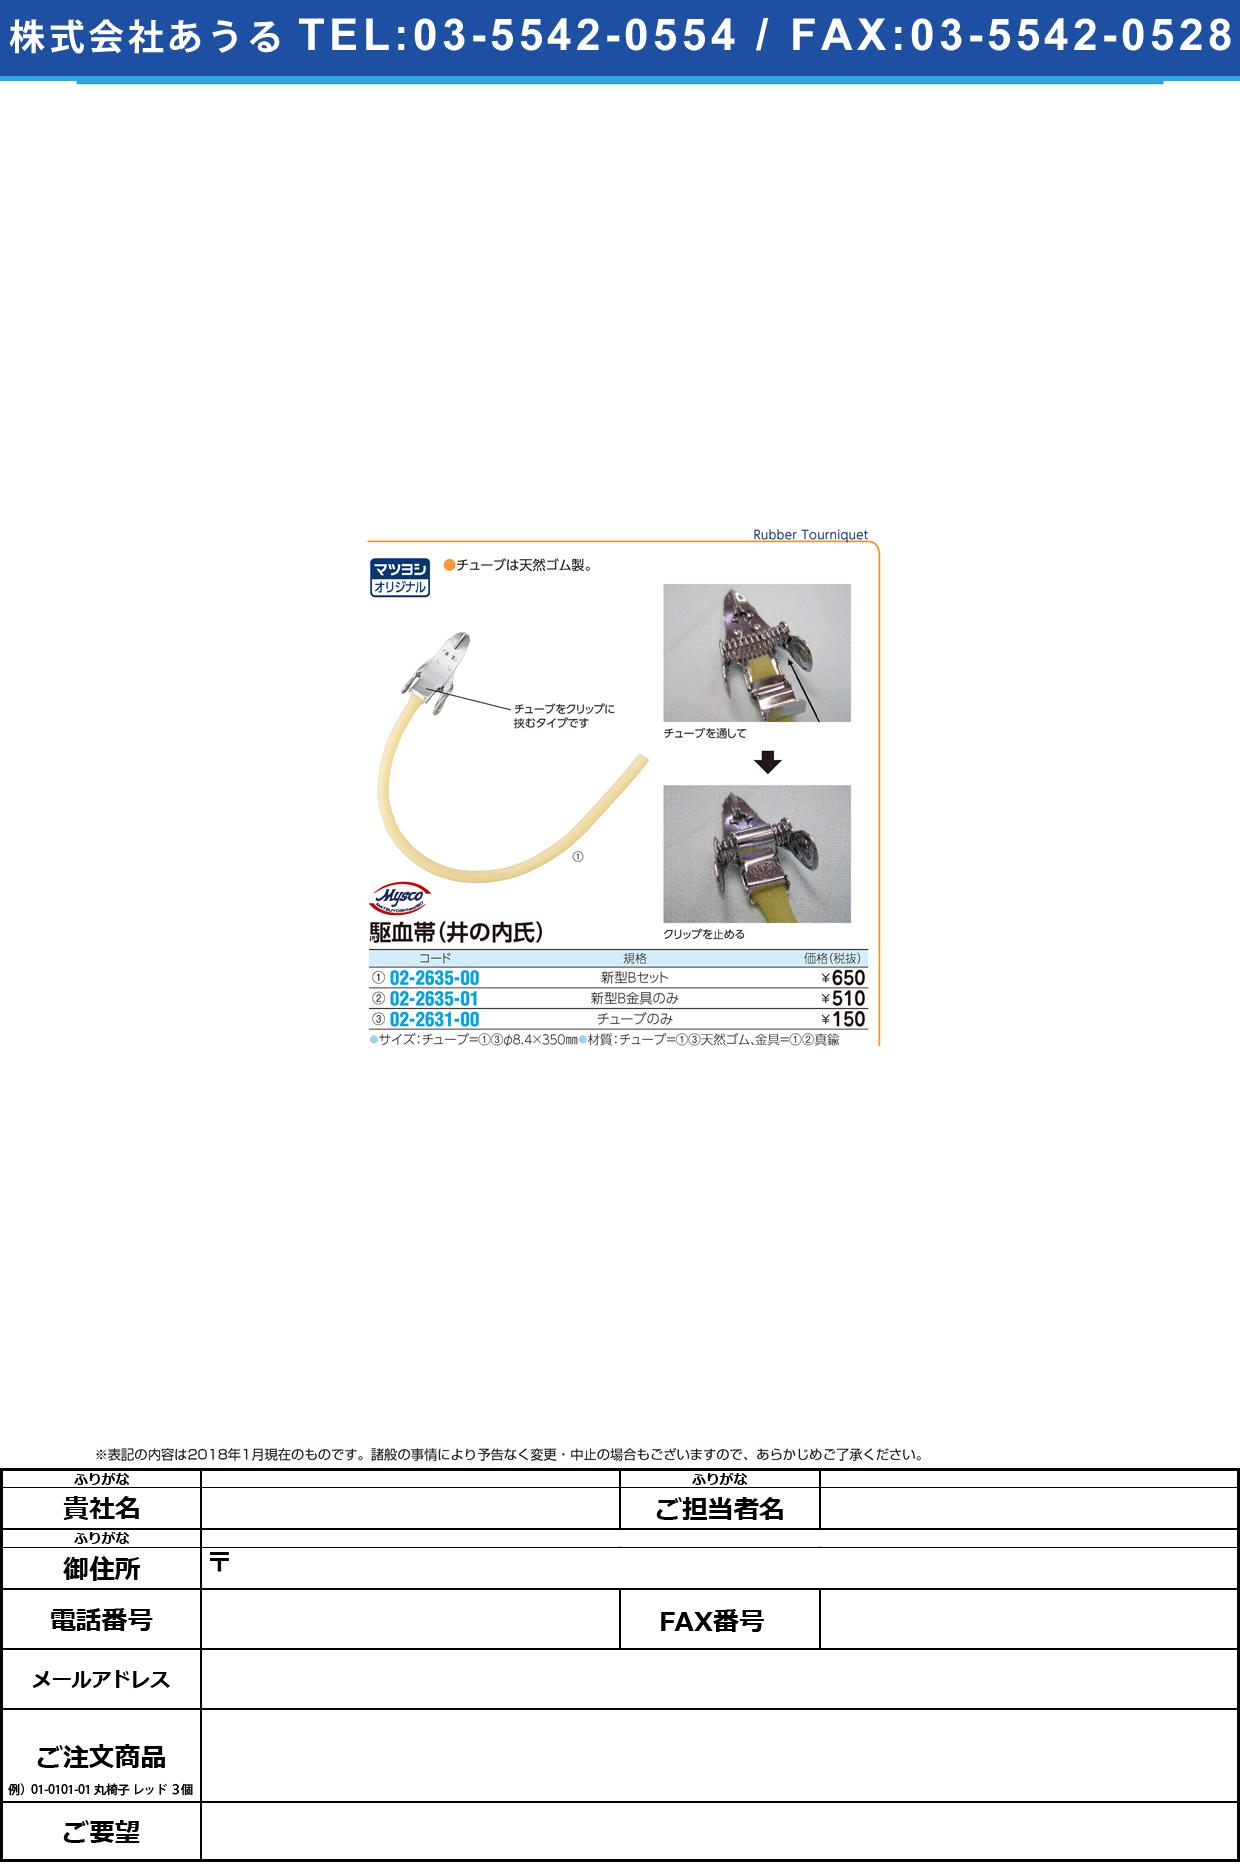 (02-2635-00)駆血帯(井の内氏)セットB(新型)  クケツタイ(イノウチシ)セットB【1組単位】【2018年カタログ商品】